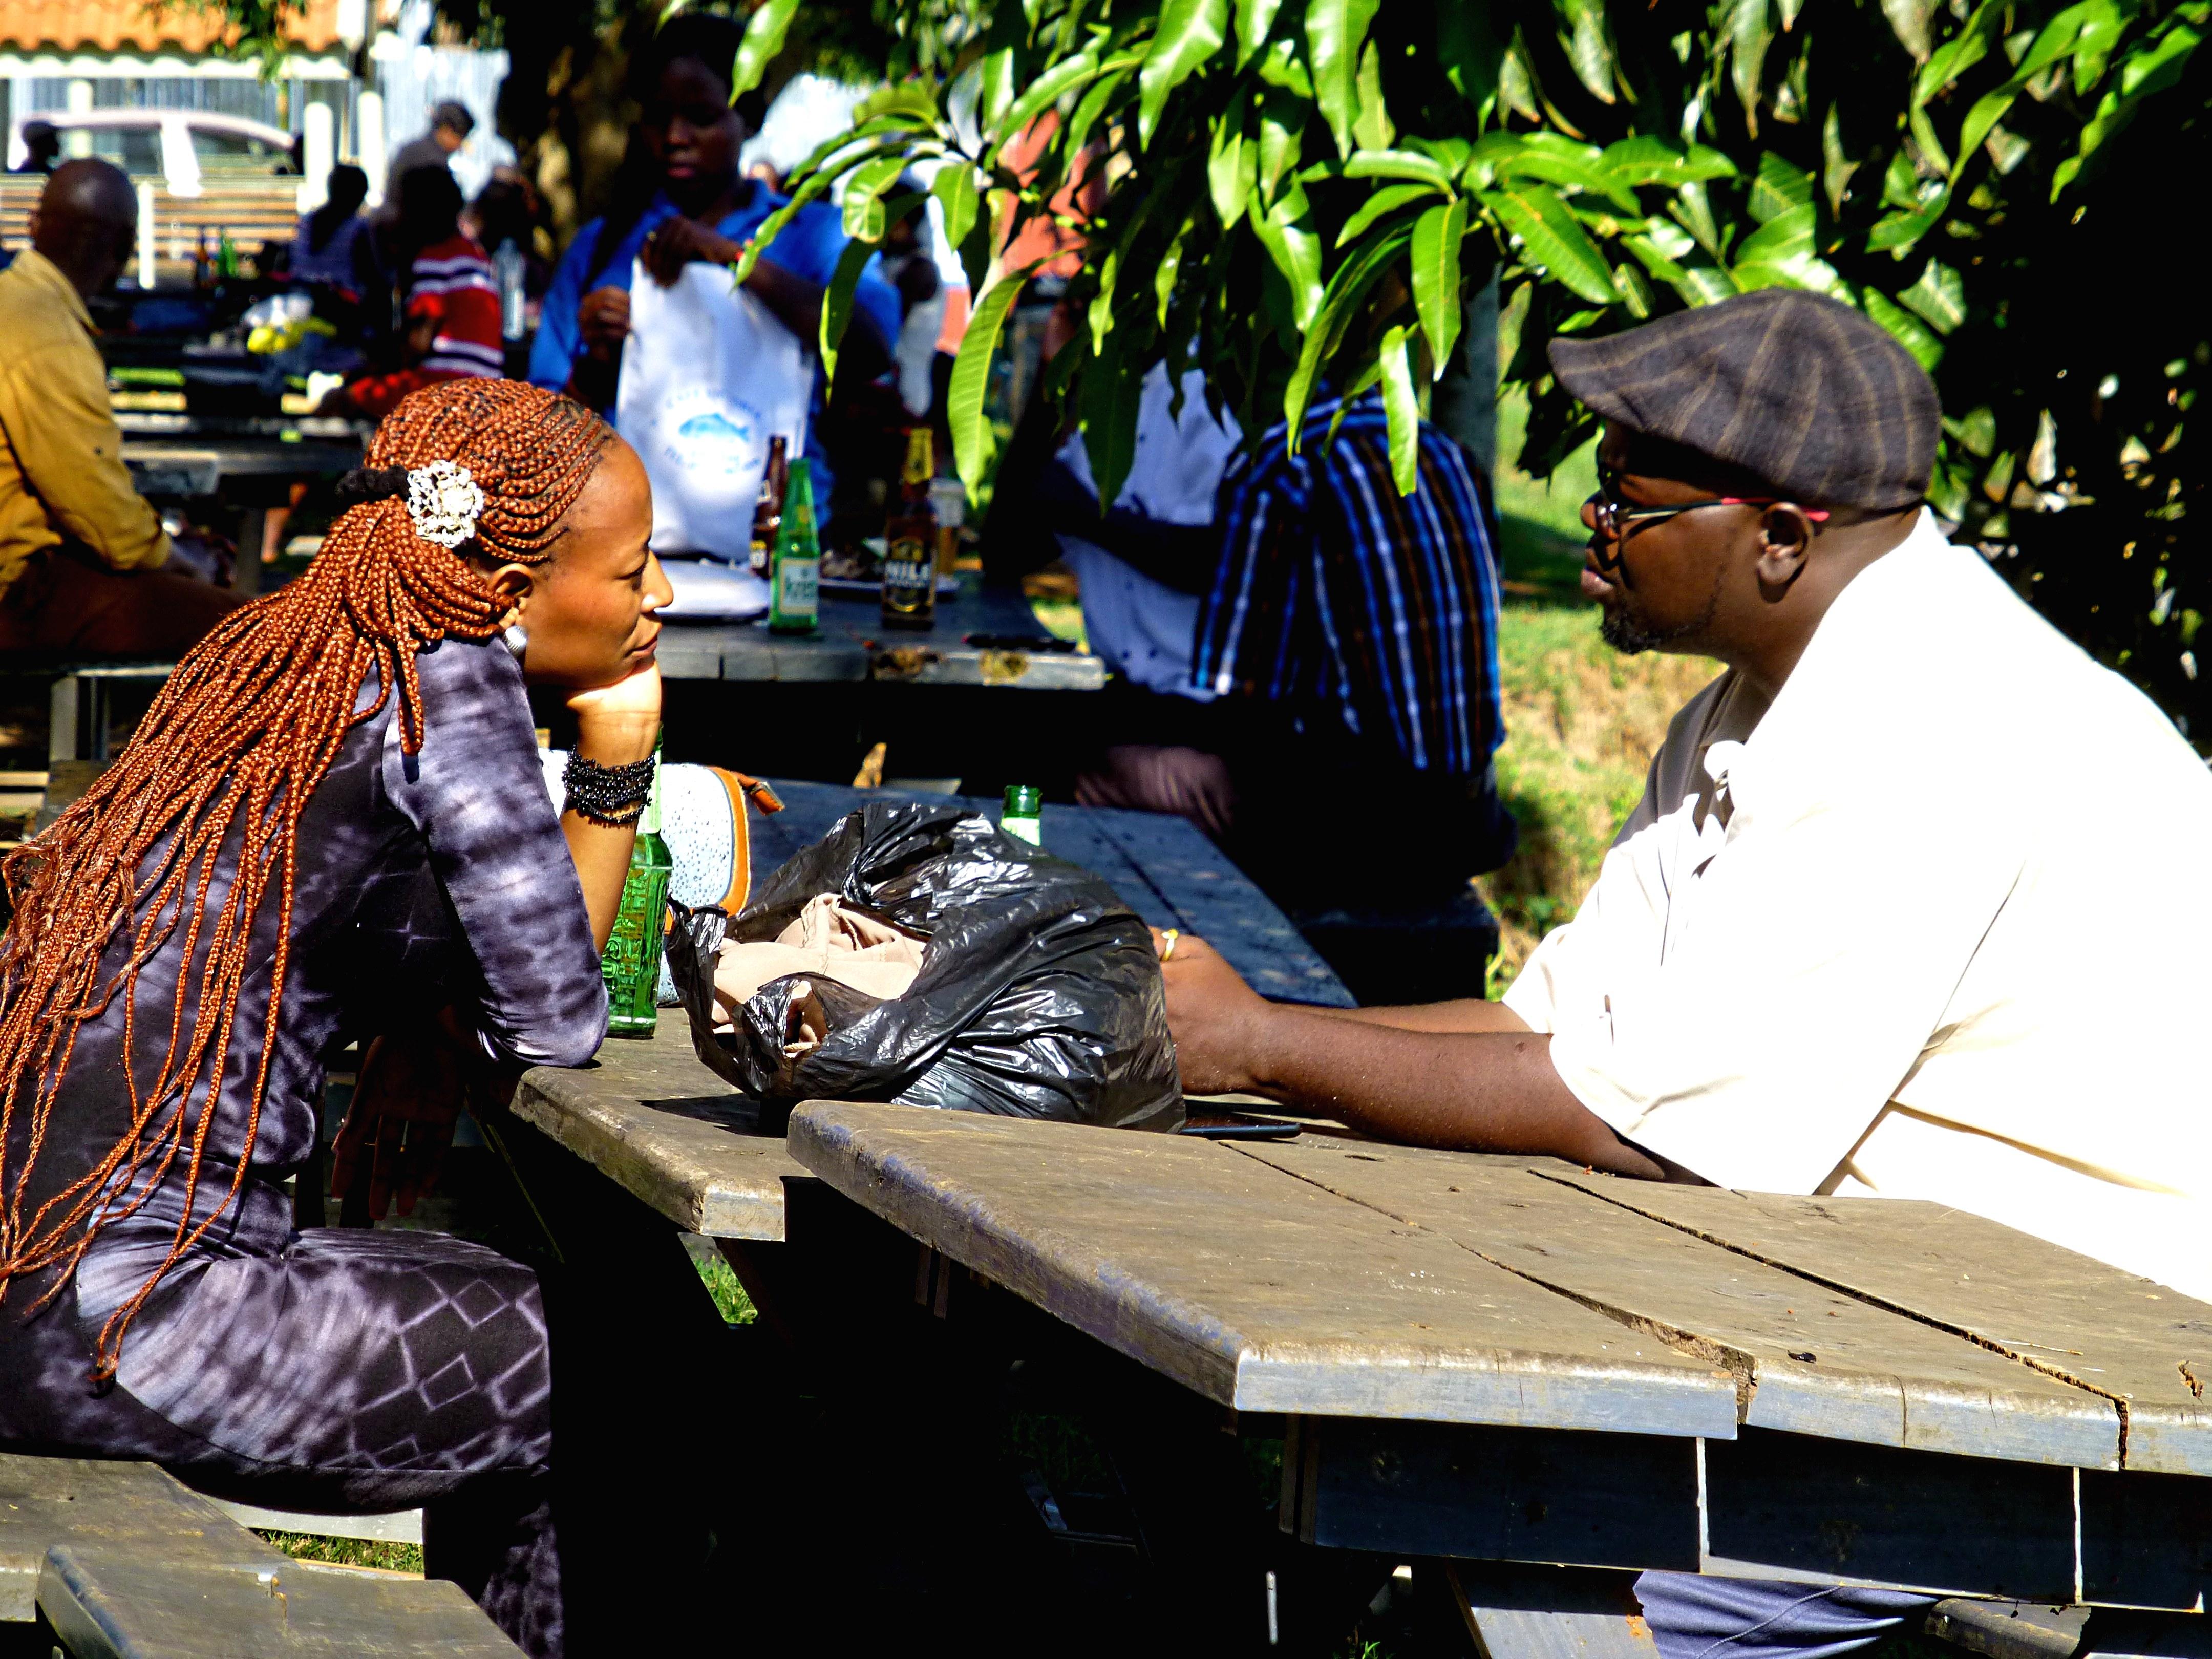 Einzelne Weiße in Uganda